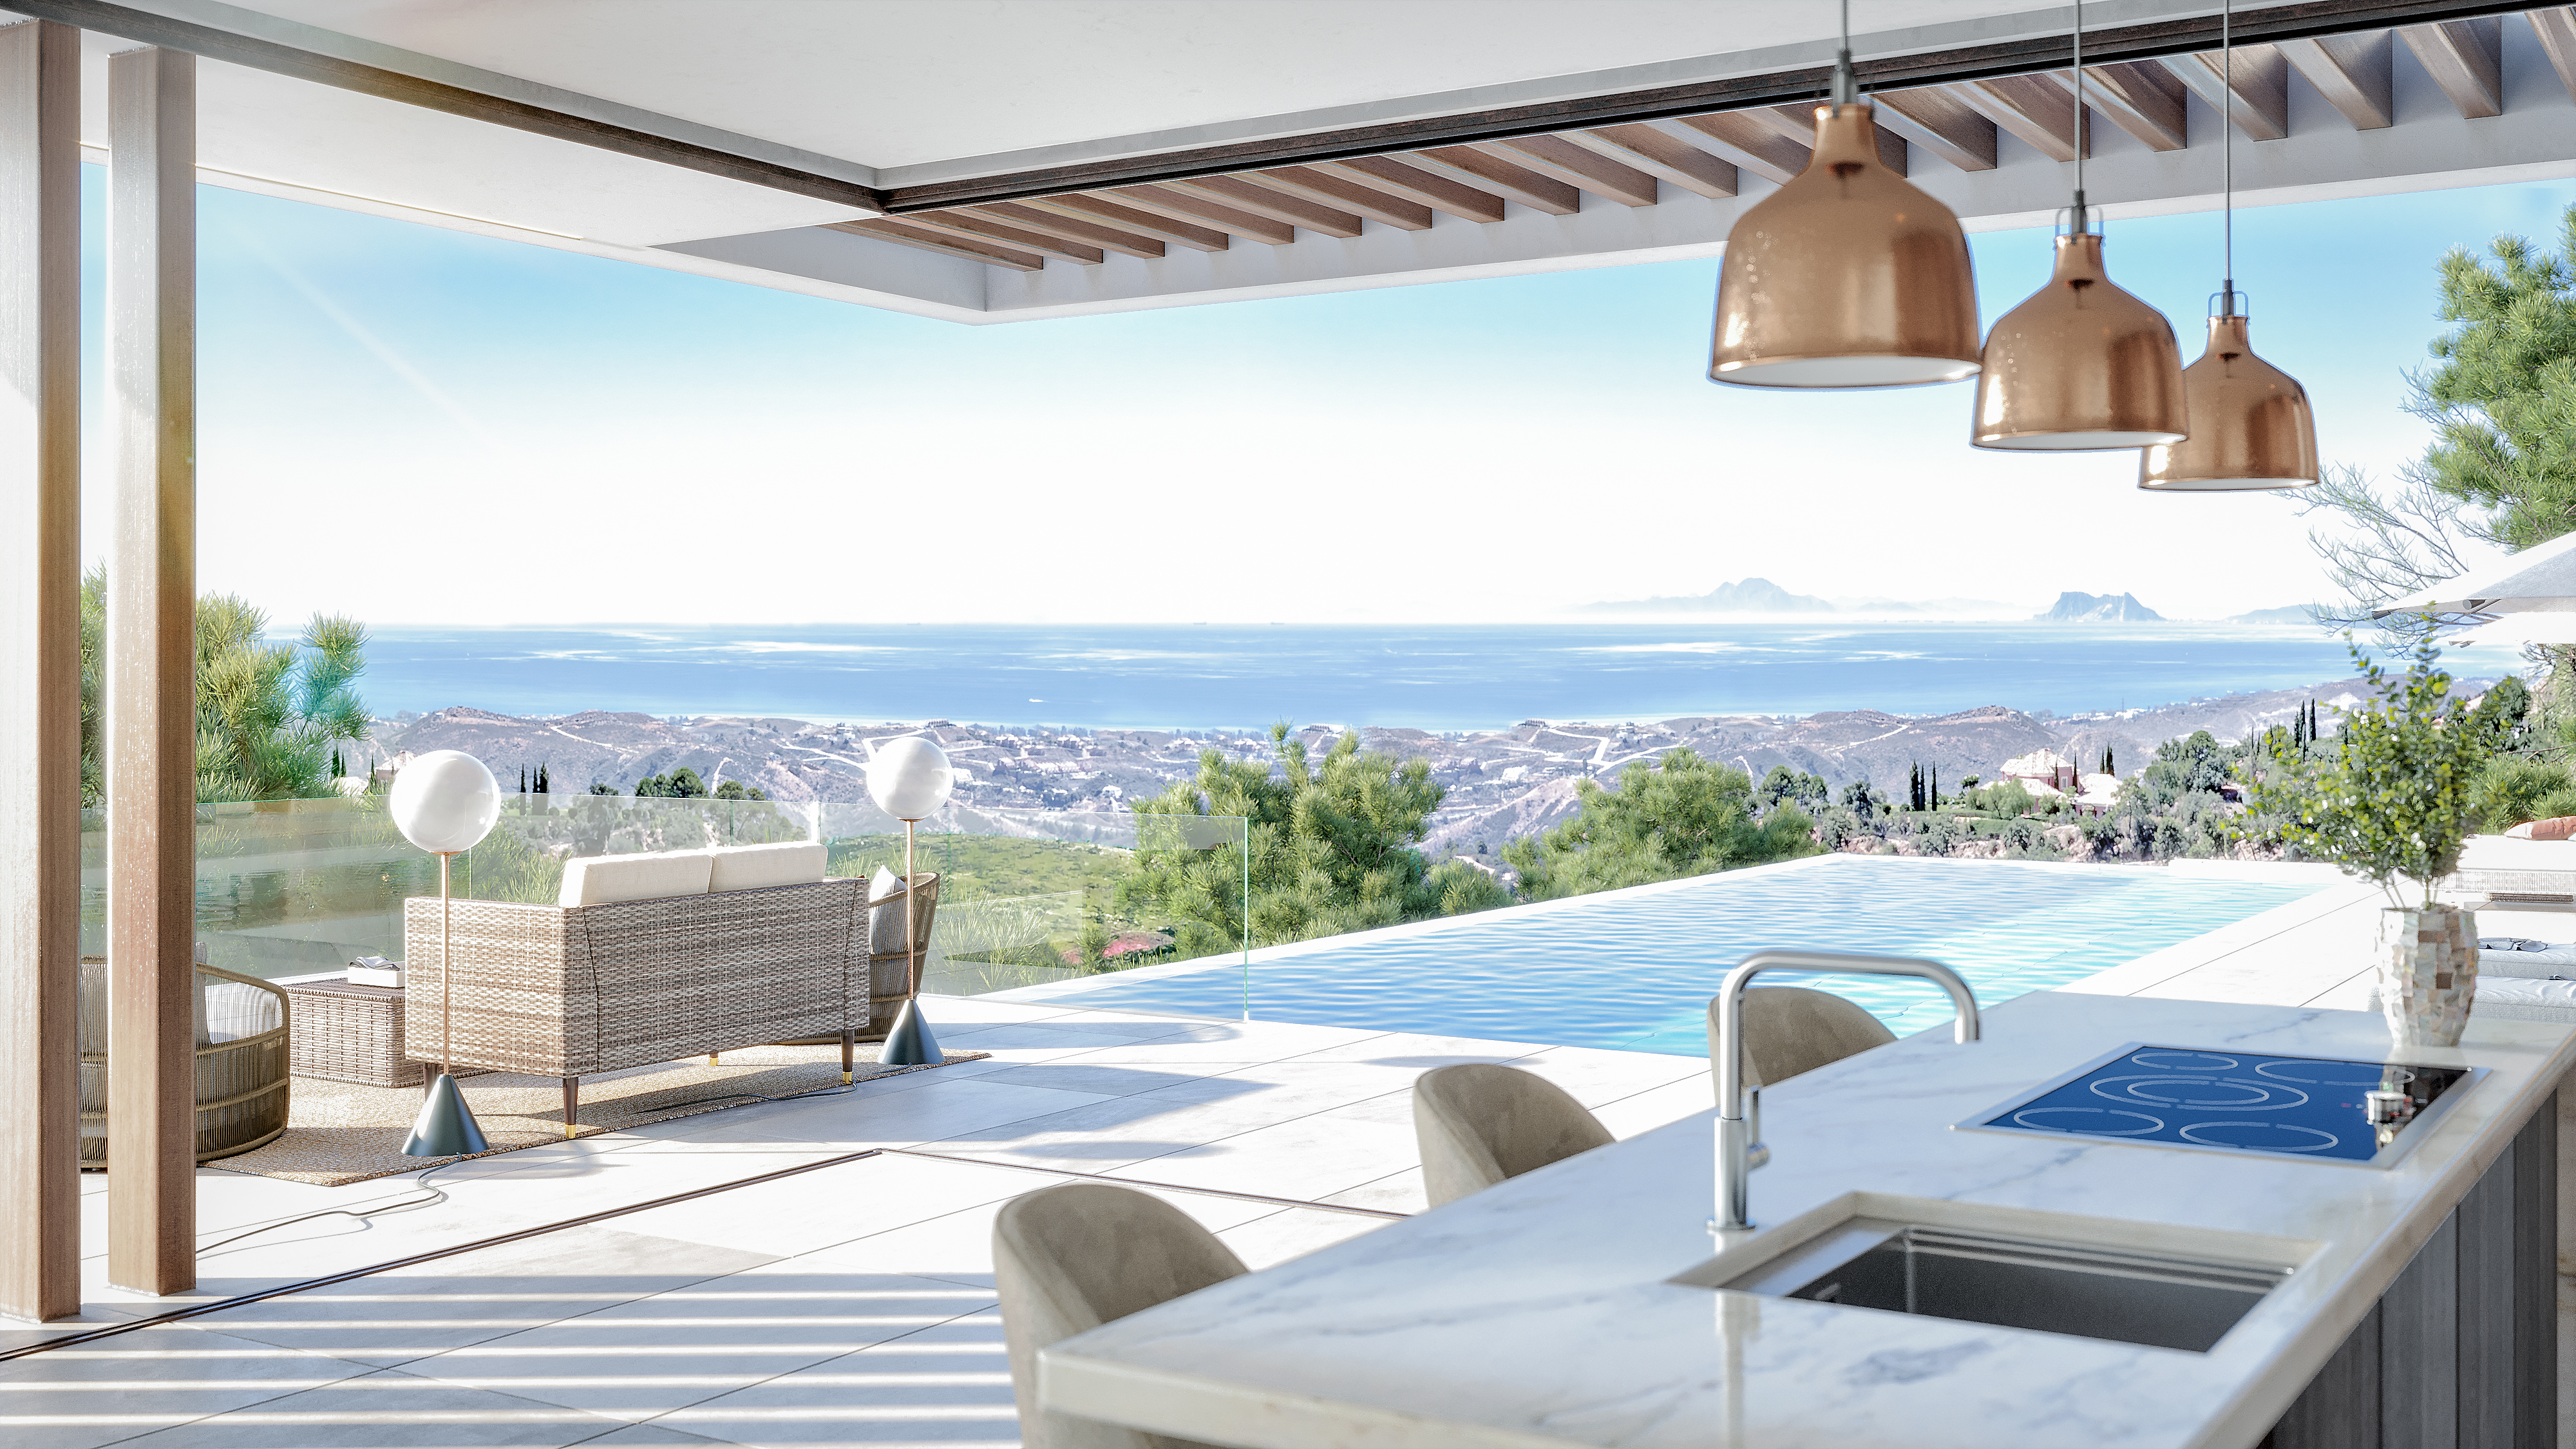 Villas en vente à La Quinta (Marbella) MCO6335221